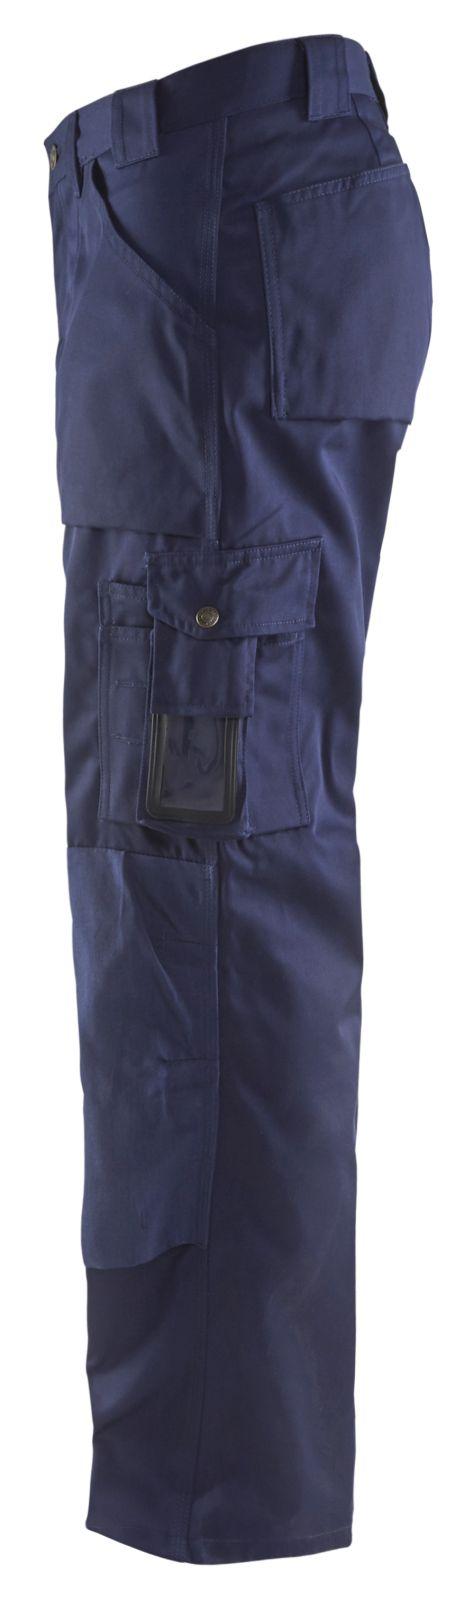 Blaklader Werkbroeken 15701860 marineblauw(8900)